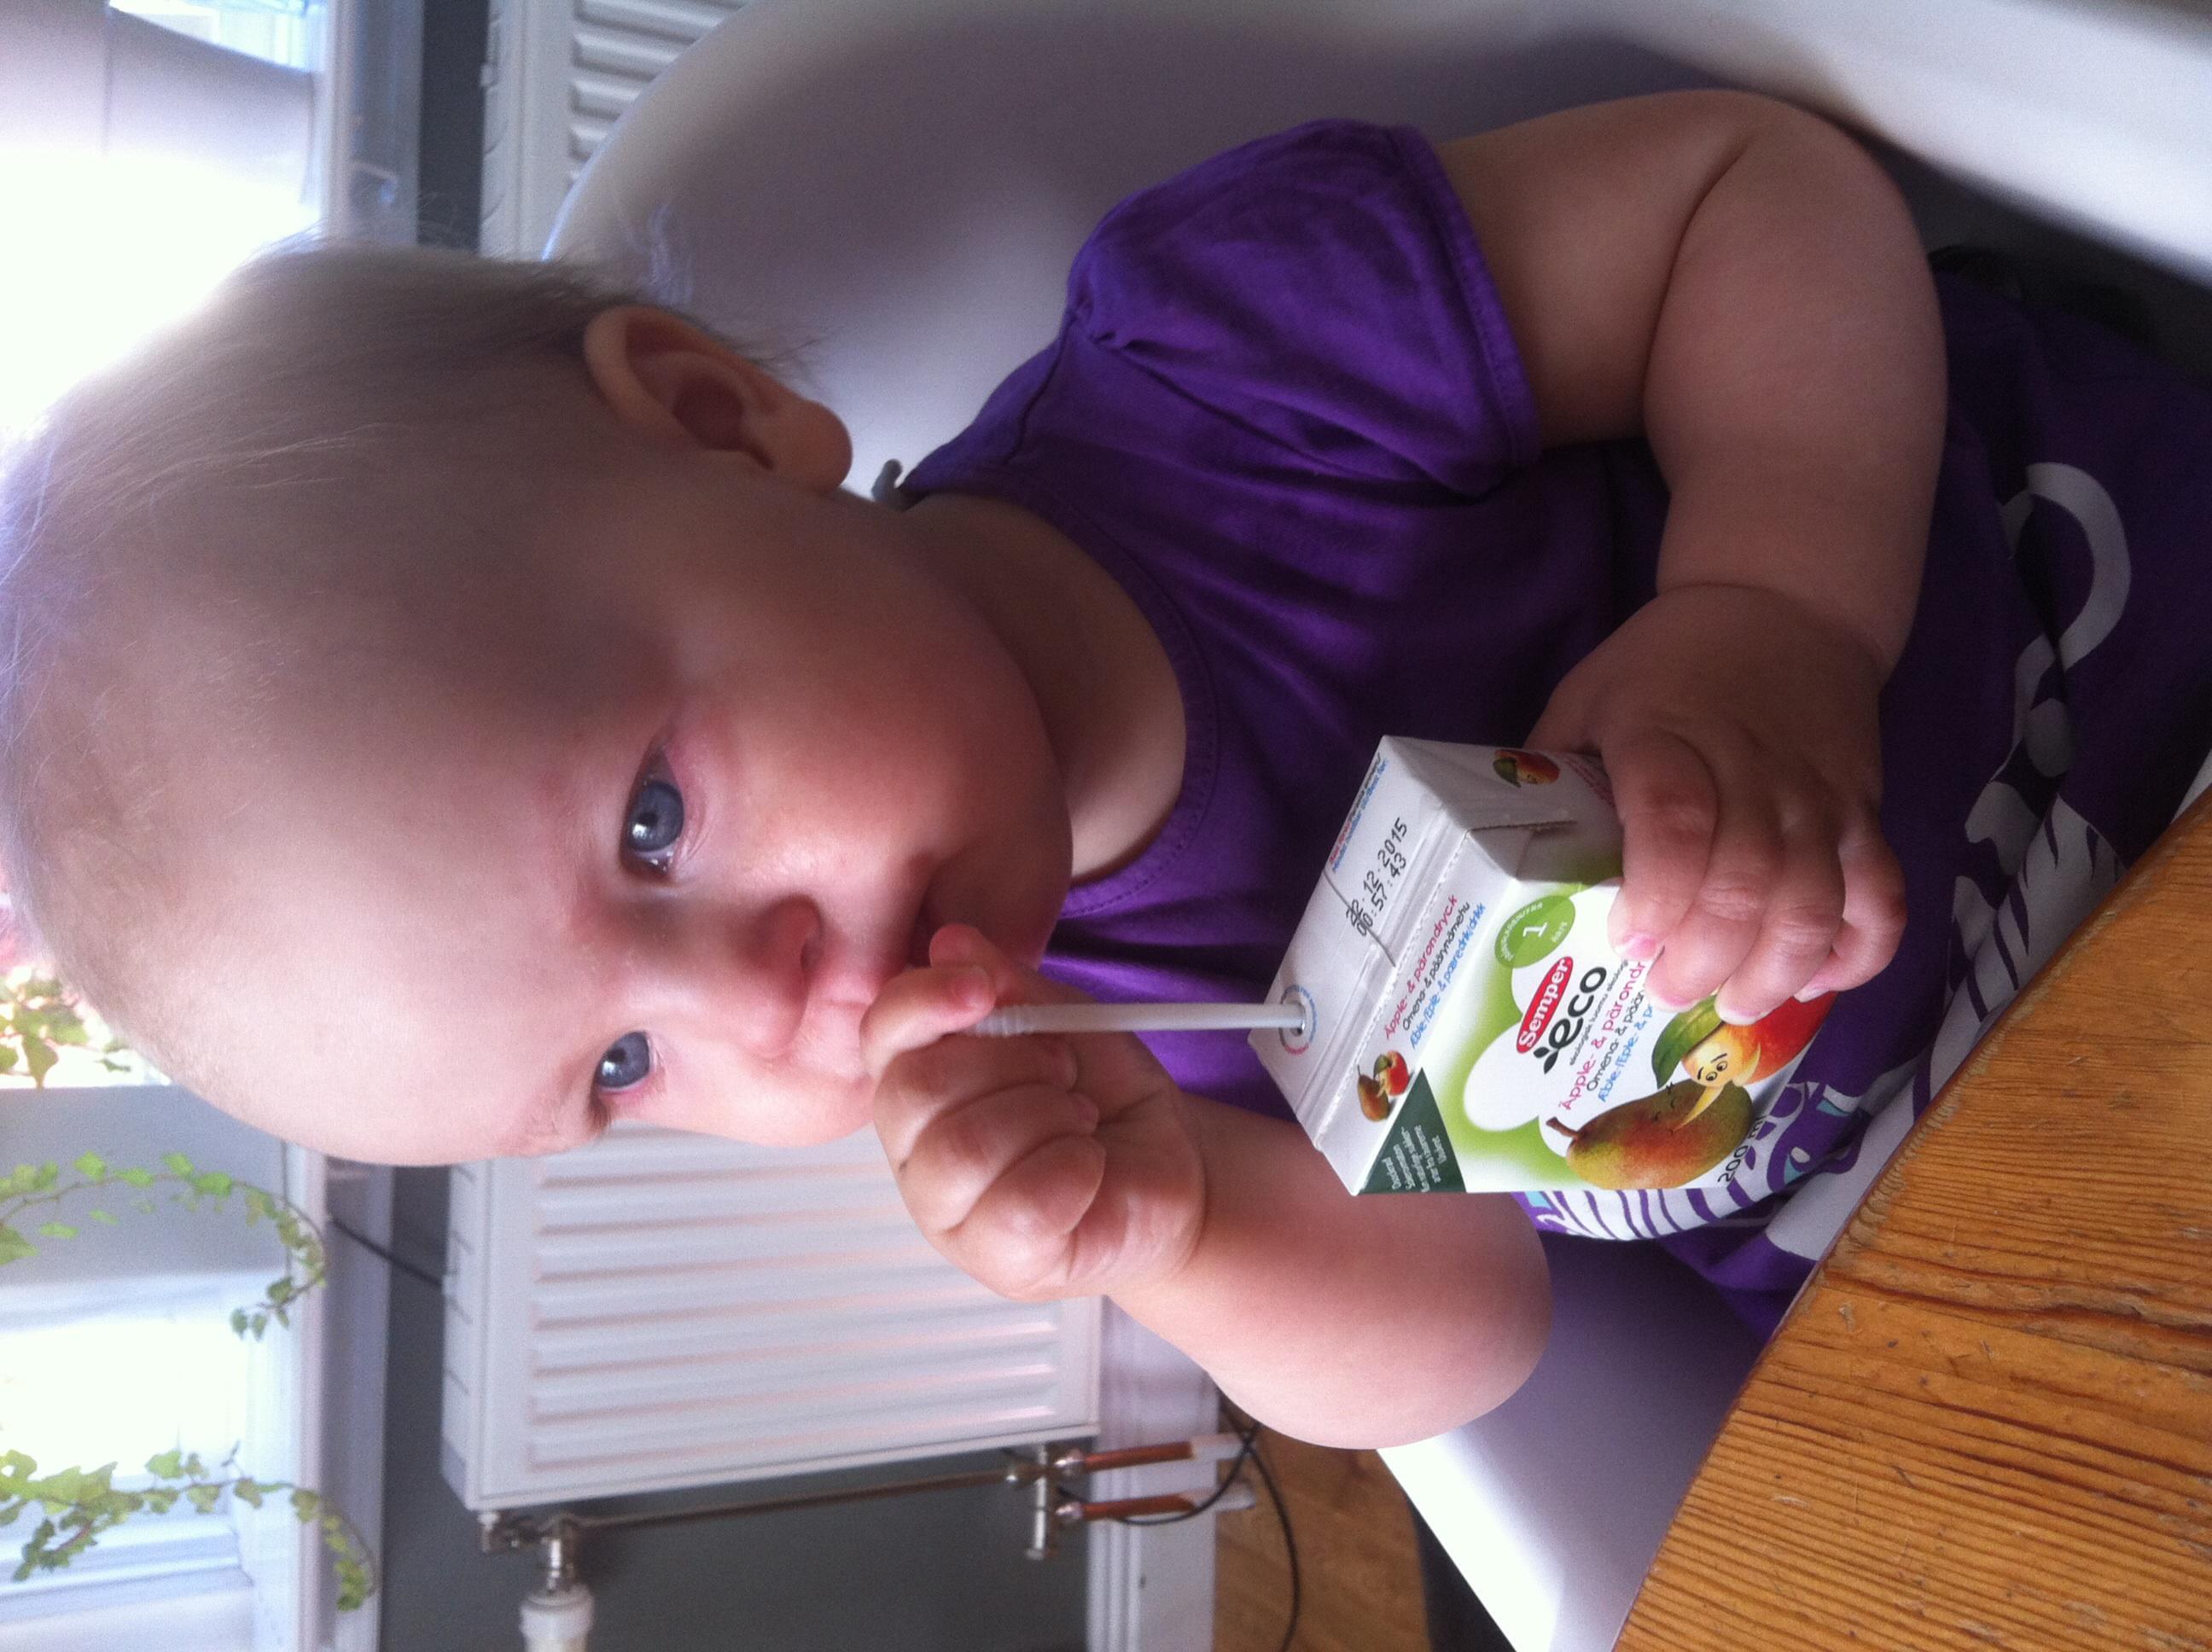 Köp lite onyttigt då hon vägrar äta. Huvudsaken är ju att hon får i sig  vätska. Har lyckats pilla i henne lite allt möjligt idag ändå. 6301499481f48